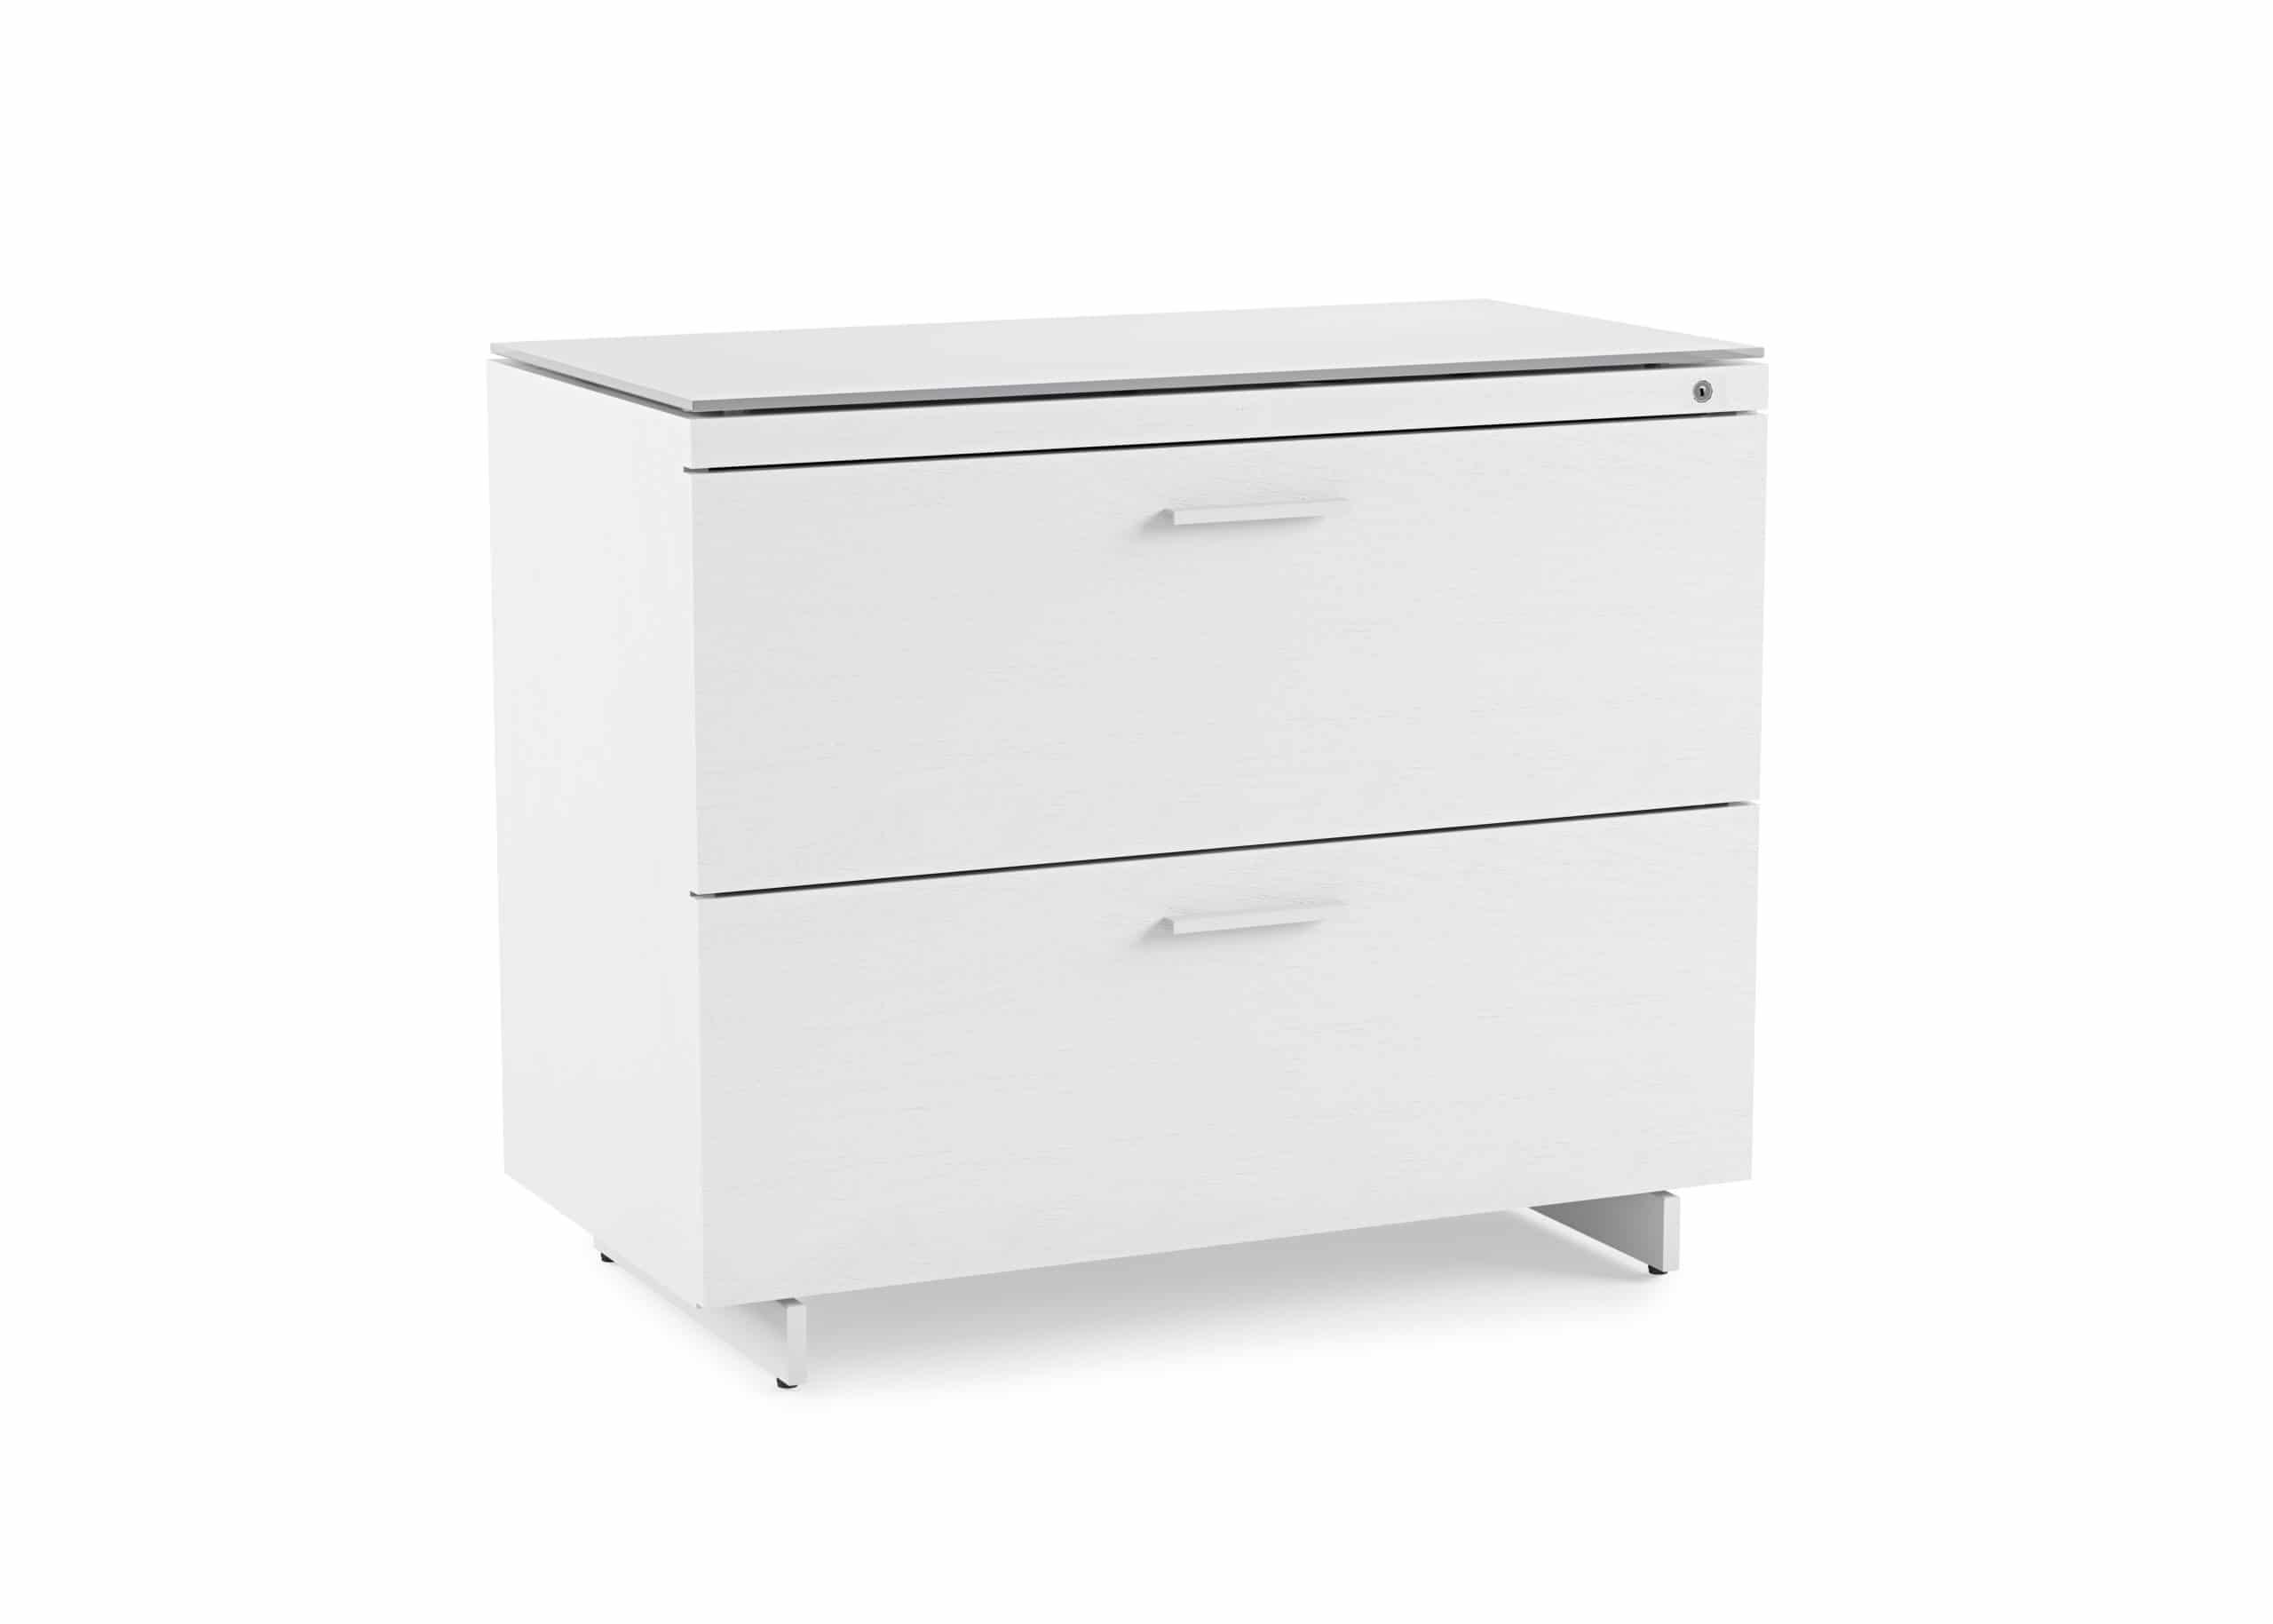 Centro 6416 White Lateral File Storage Cabinet | BDI Furniture